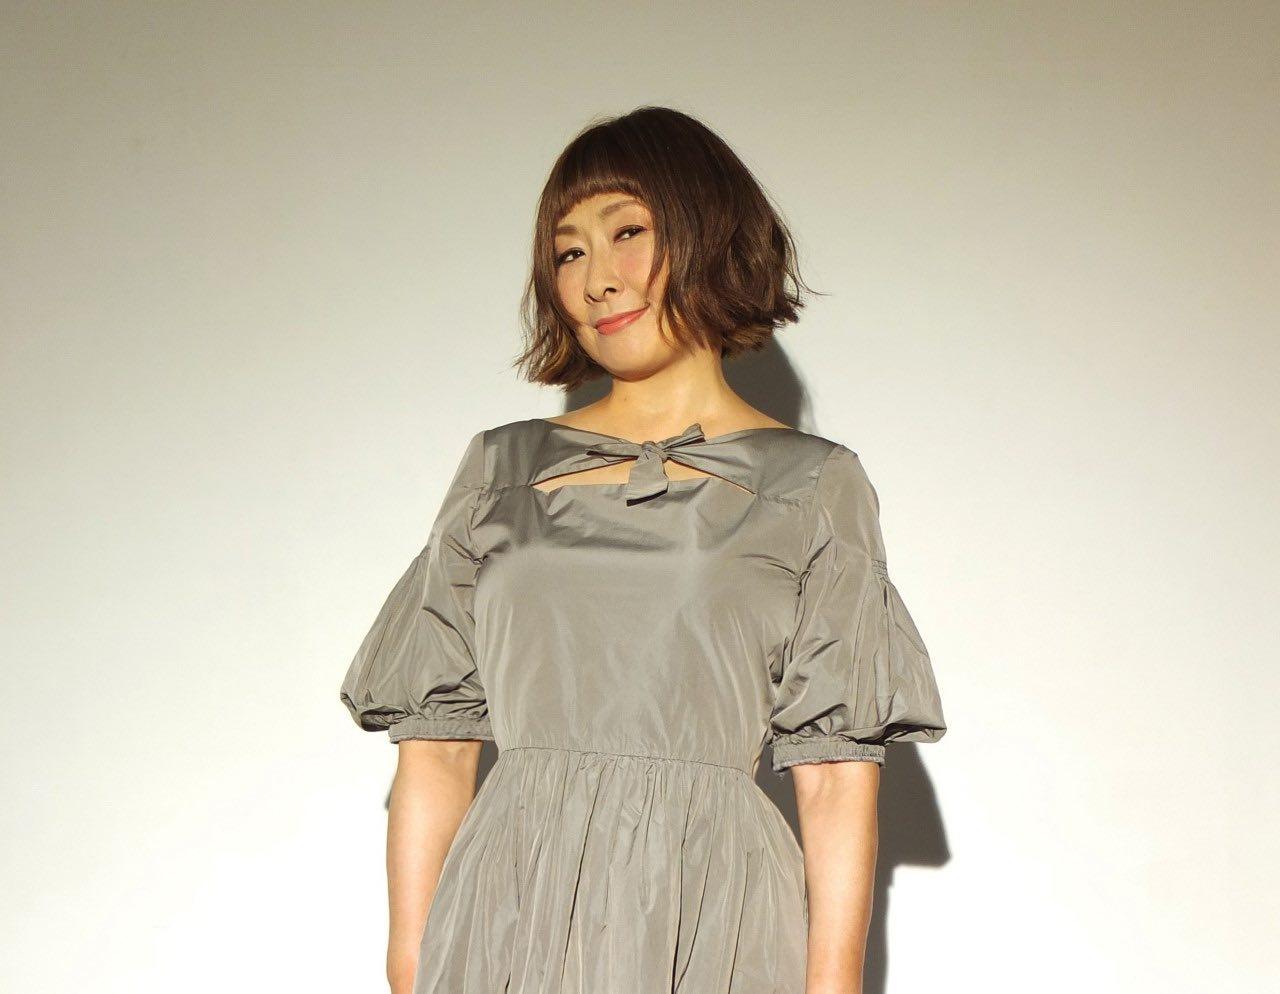 矢野顕子、新曲「愛を告げる小鳥」MV公開!糸井重里からコメントも到着!